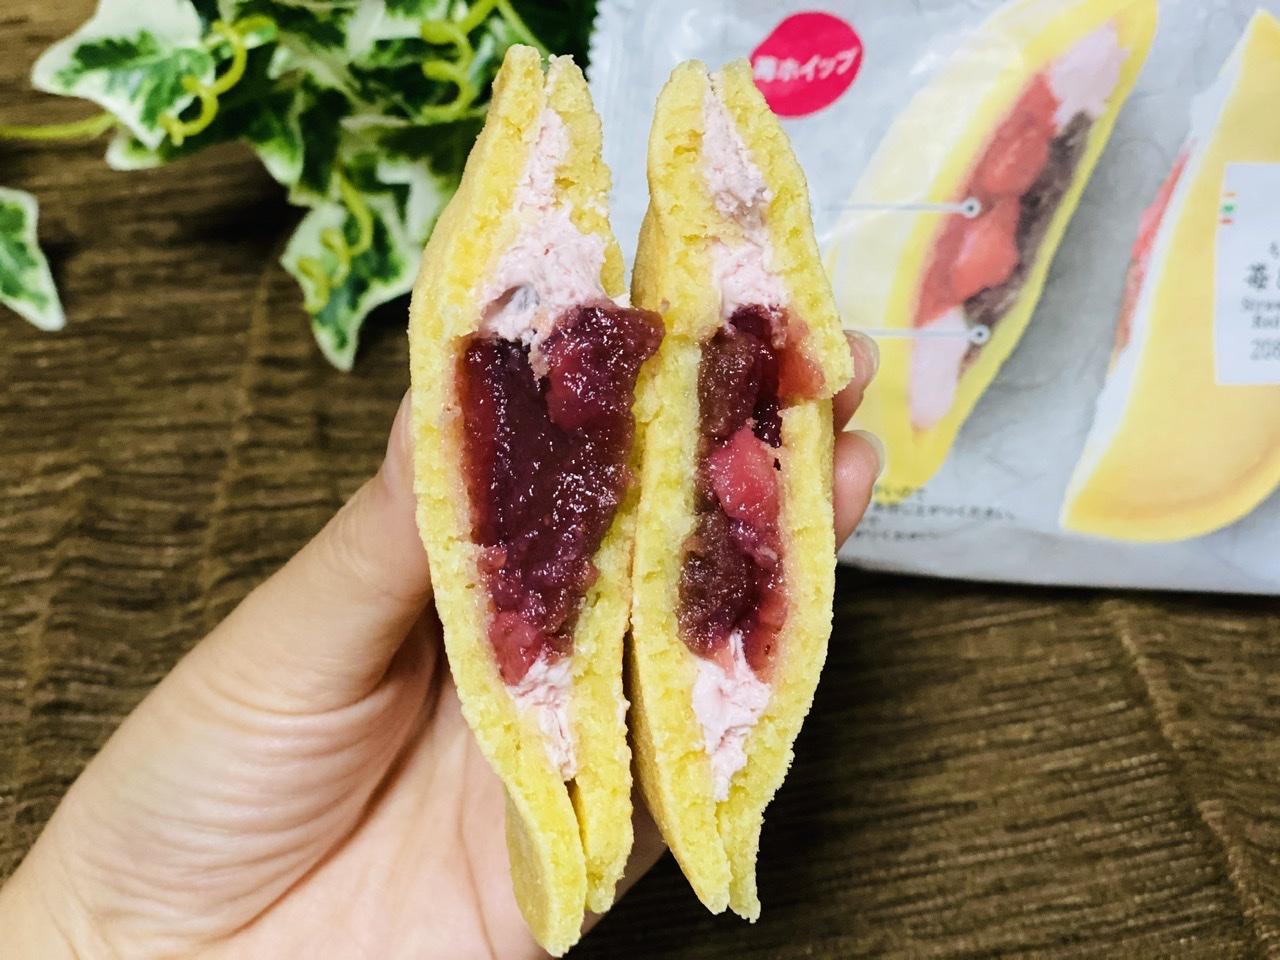 【セブンスイーツ】どこ食べても美味しい!《もちっとどら 苺&ホイップ》にハマり中♡_3